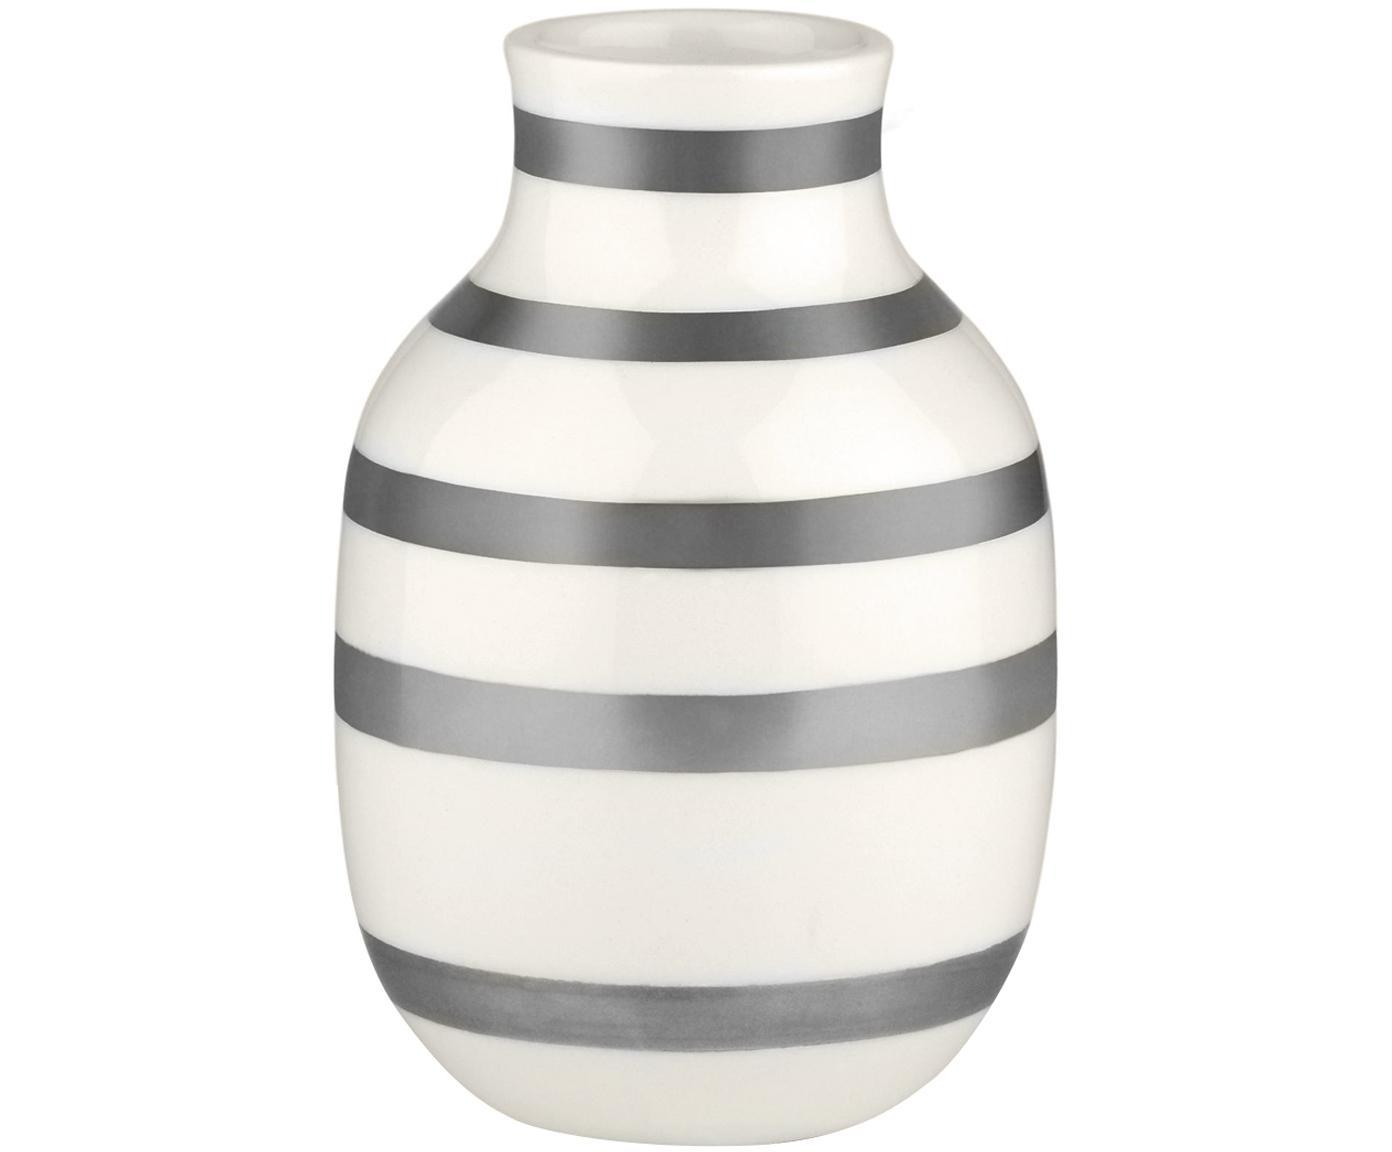 Kleine handgefertigte Design-Vase Omaggio, Keramik, Silberfarben, Weiss, Ø 8 x H 13 cm